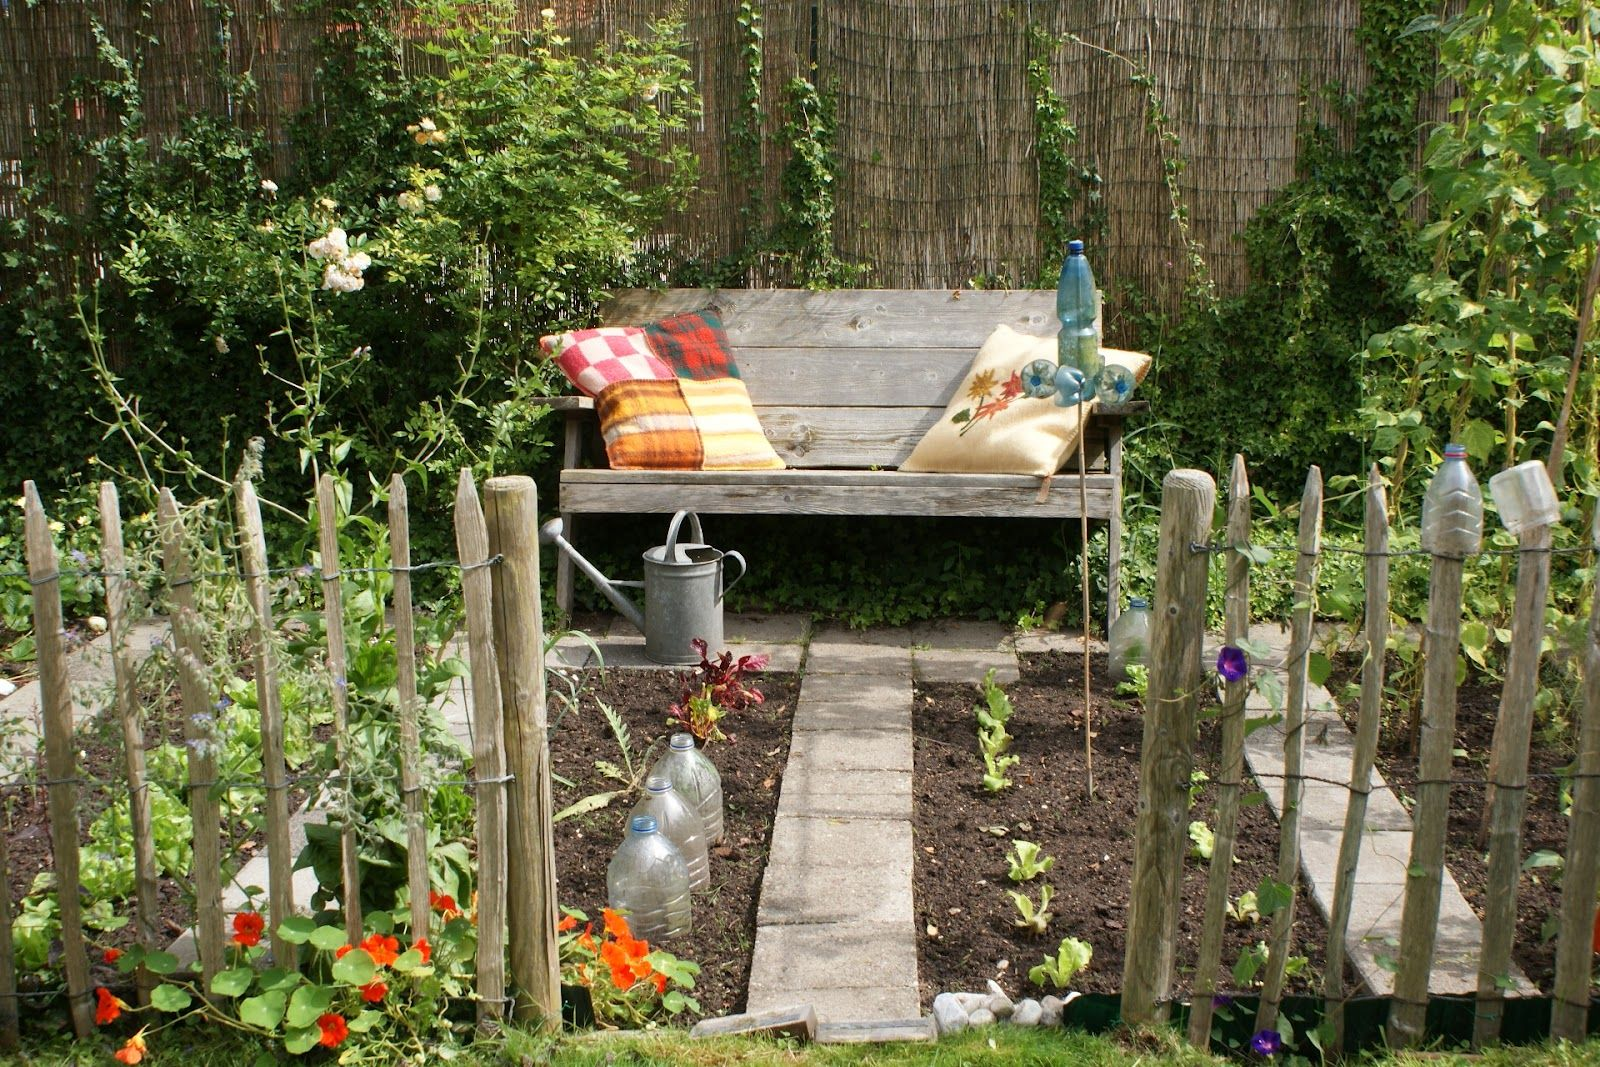 Kleine moestuin inspirerende moestuinen pinterest for Kleingarten gestalten ideen